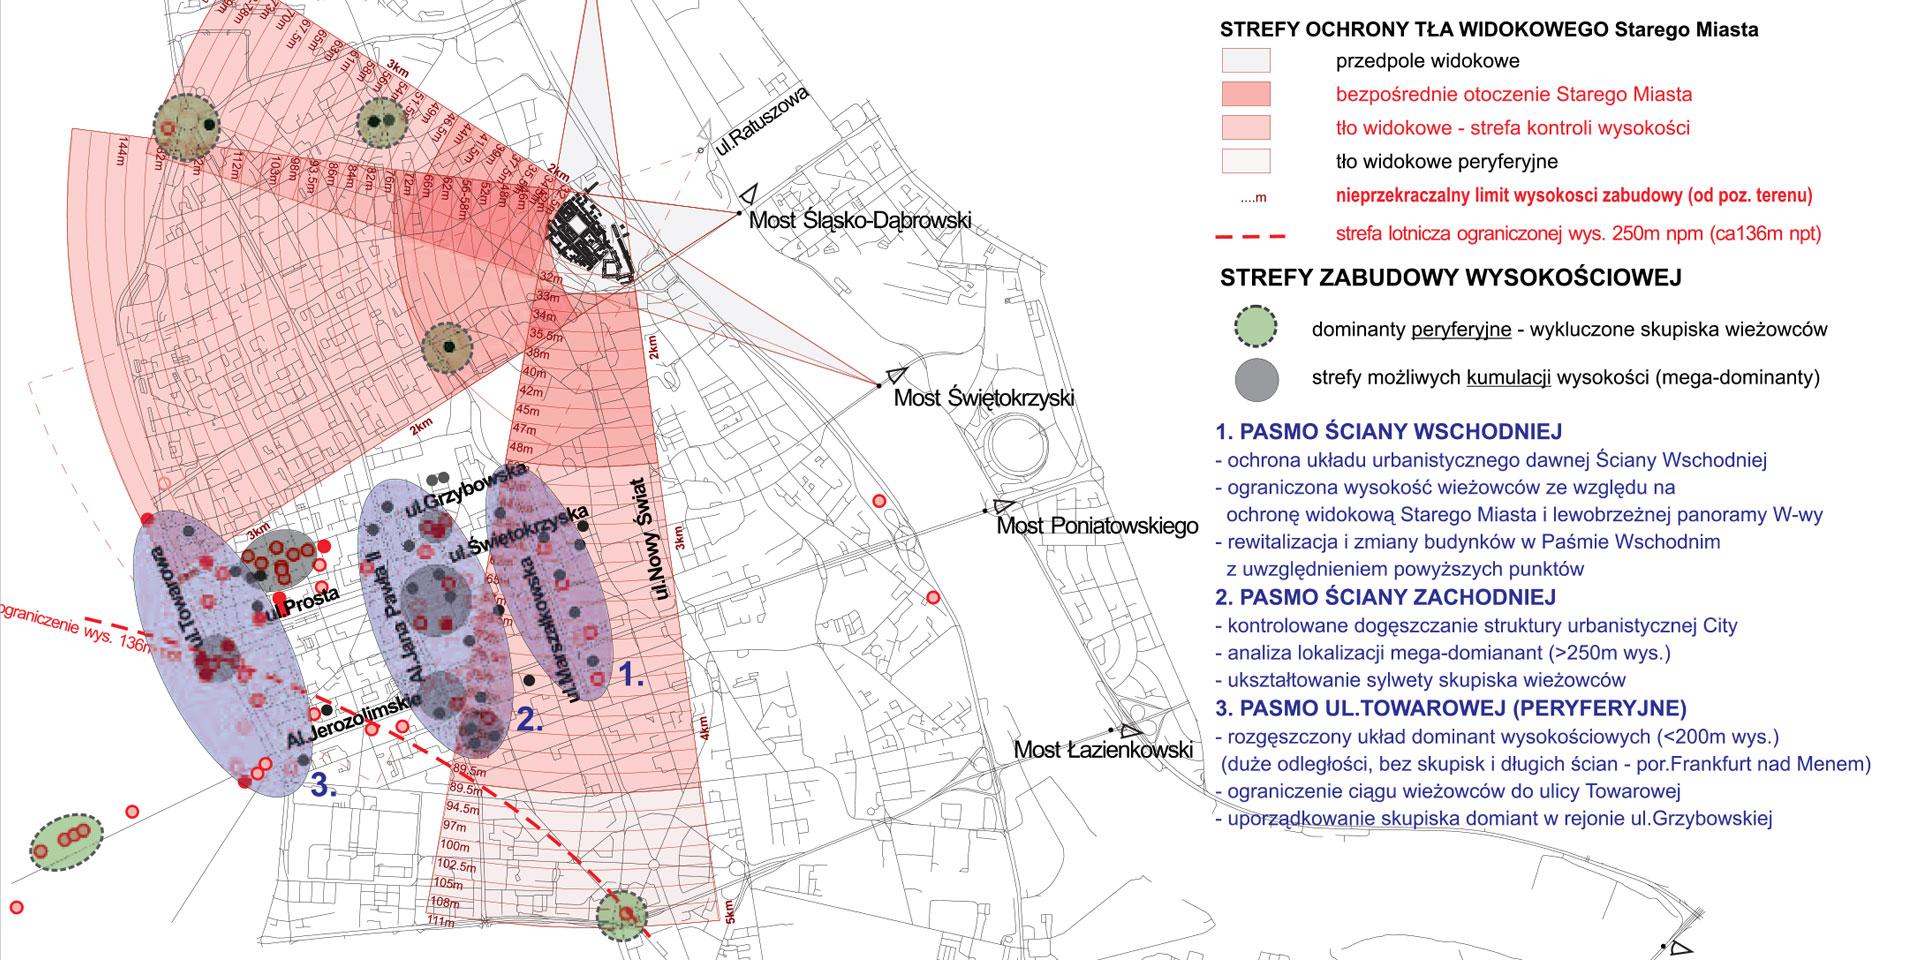 Il: Analiza urbanistyczna lokalizacji budynków wysokościowych na obszarze śródmieścia Warszawy, MPPPiSR na zlecenie Biura Architektury i Planowania Przestrzennego Urzędu m.st. Warszawy